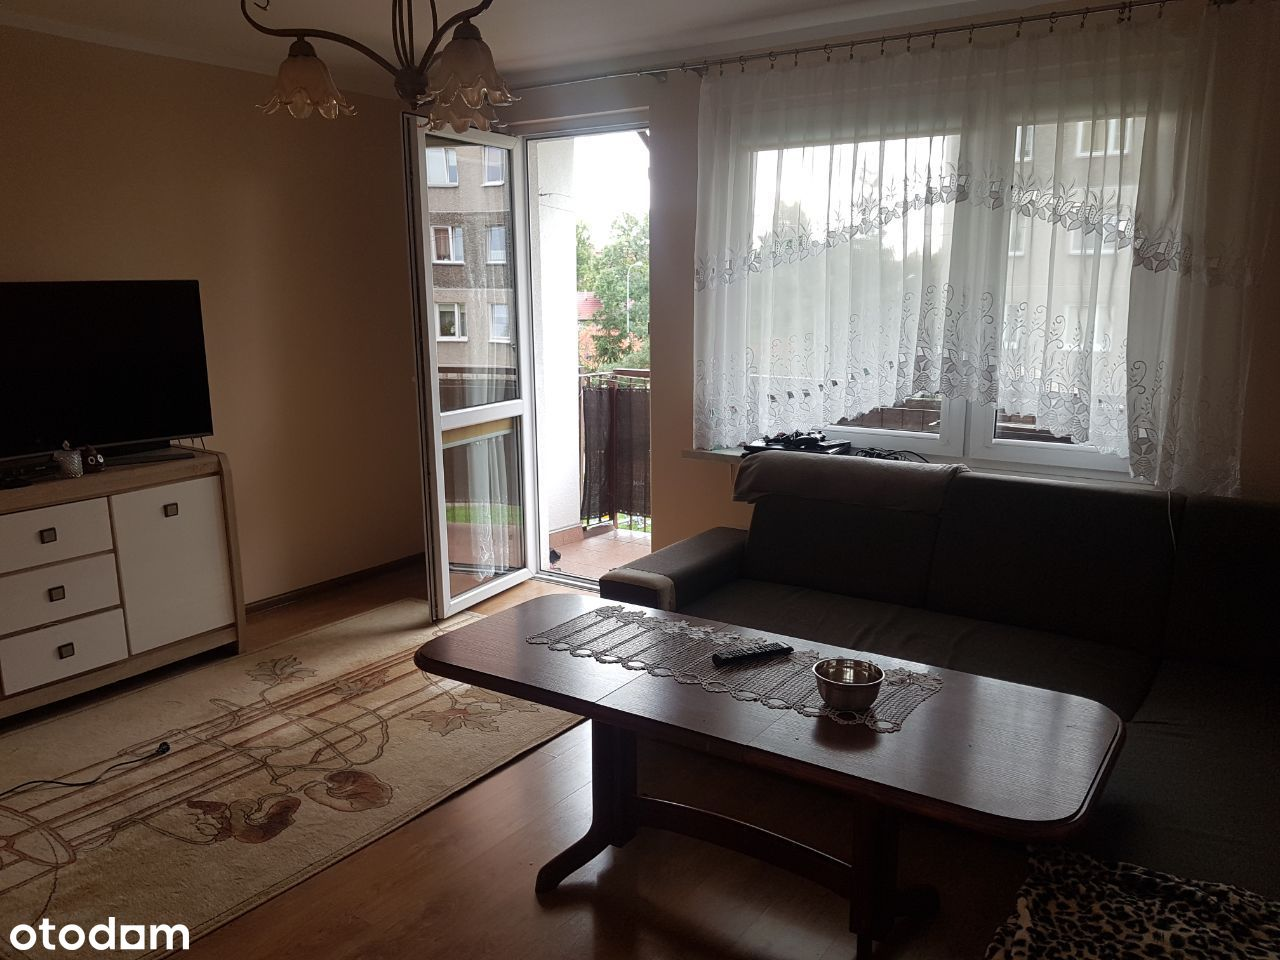 Sprzedam mieszkanie 2 pokoje, 1 piętro